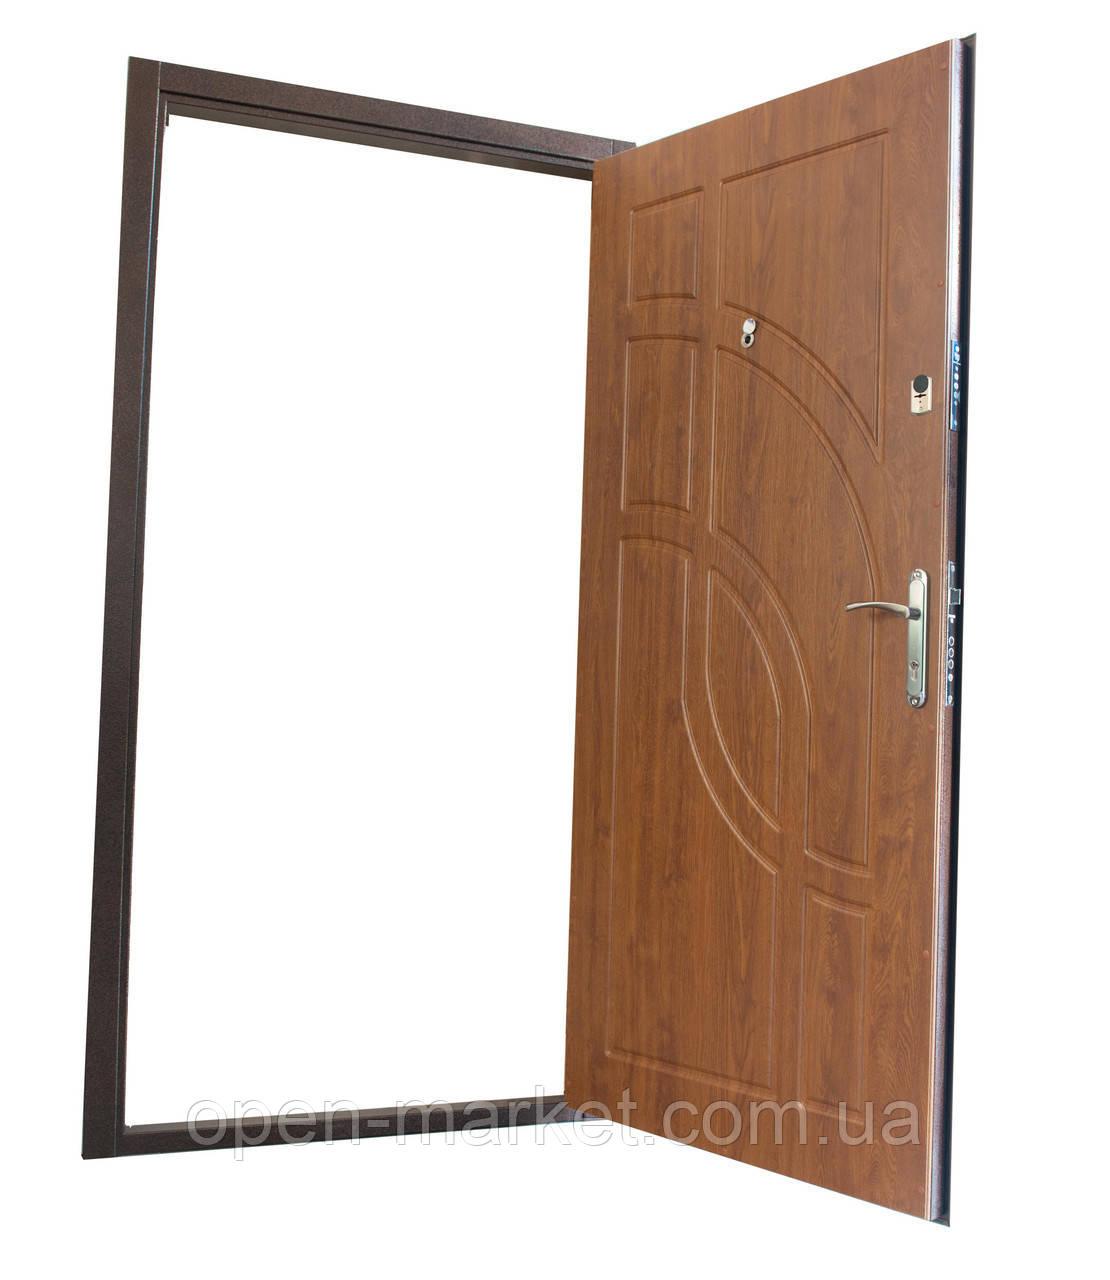 Двери уличные Бармашово Николаевская область